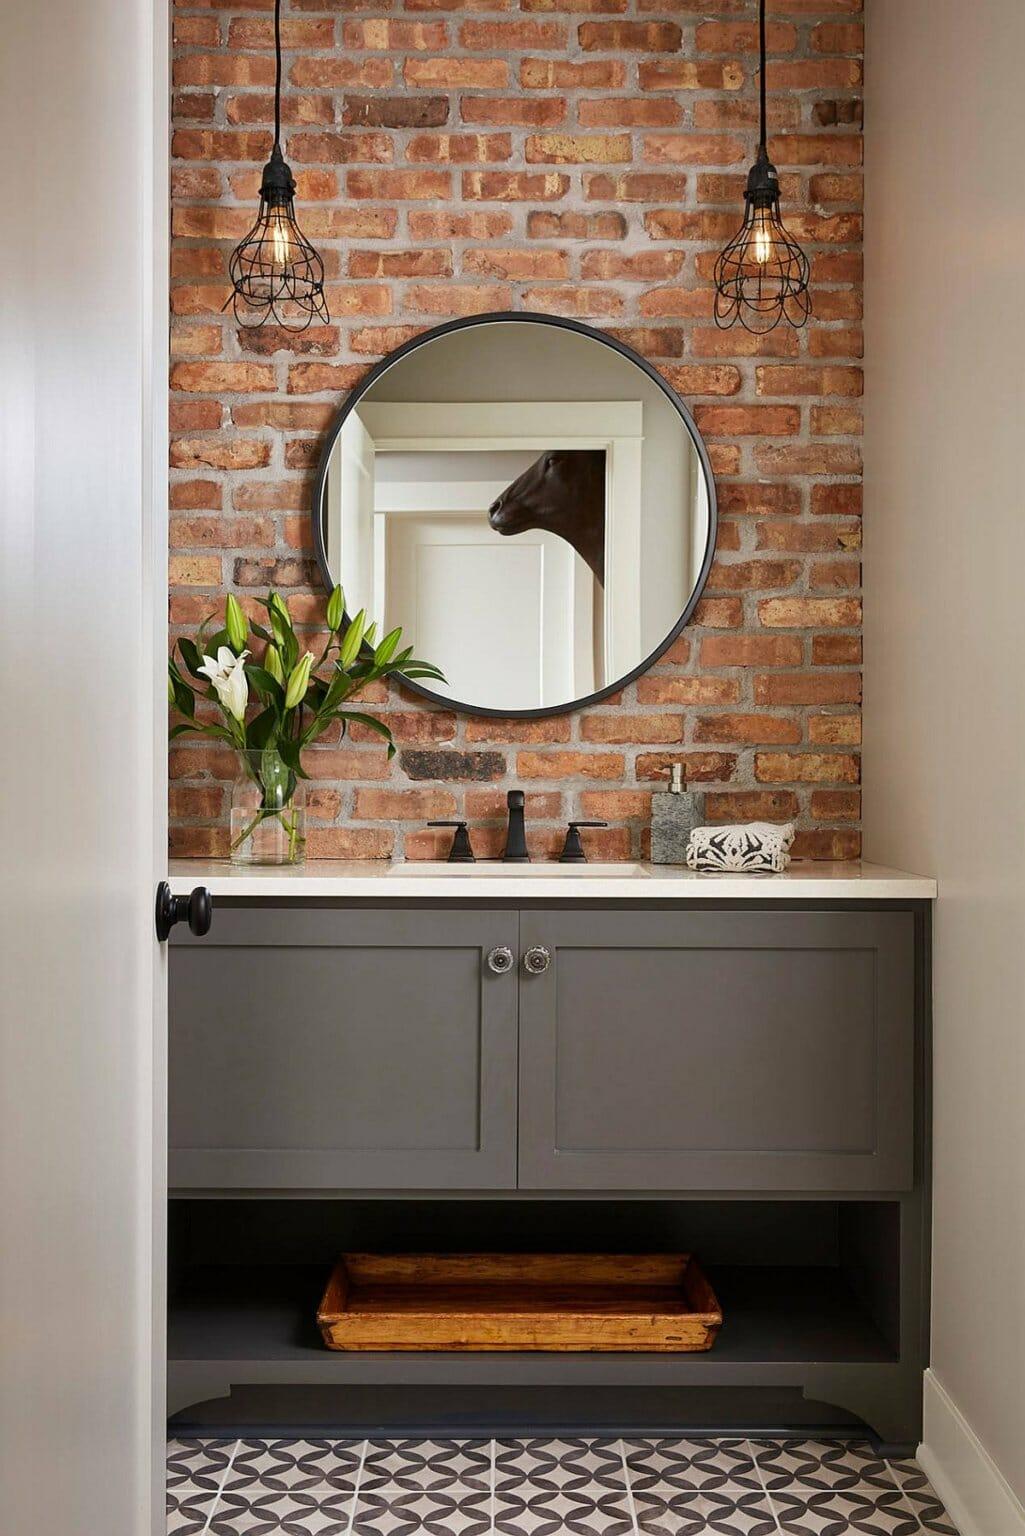 hình ảnh mẫu phòng tắm nhỏ hiện đại